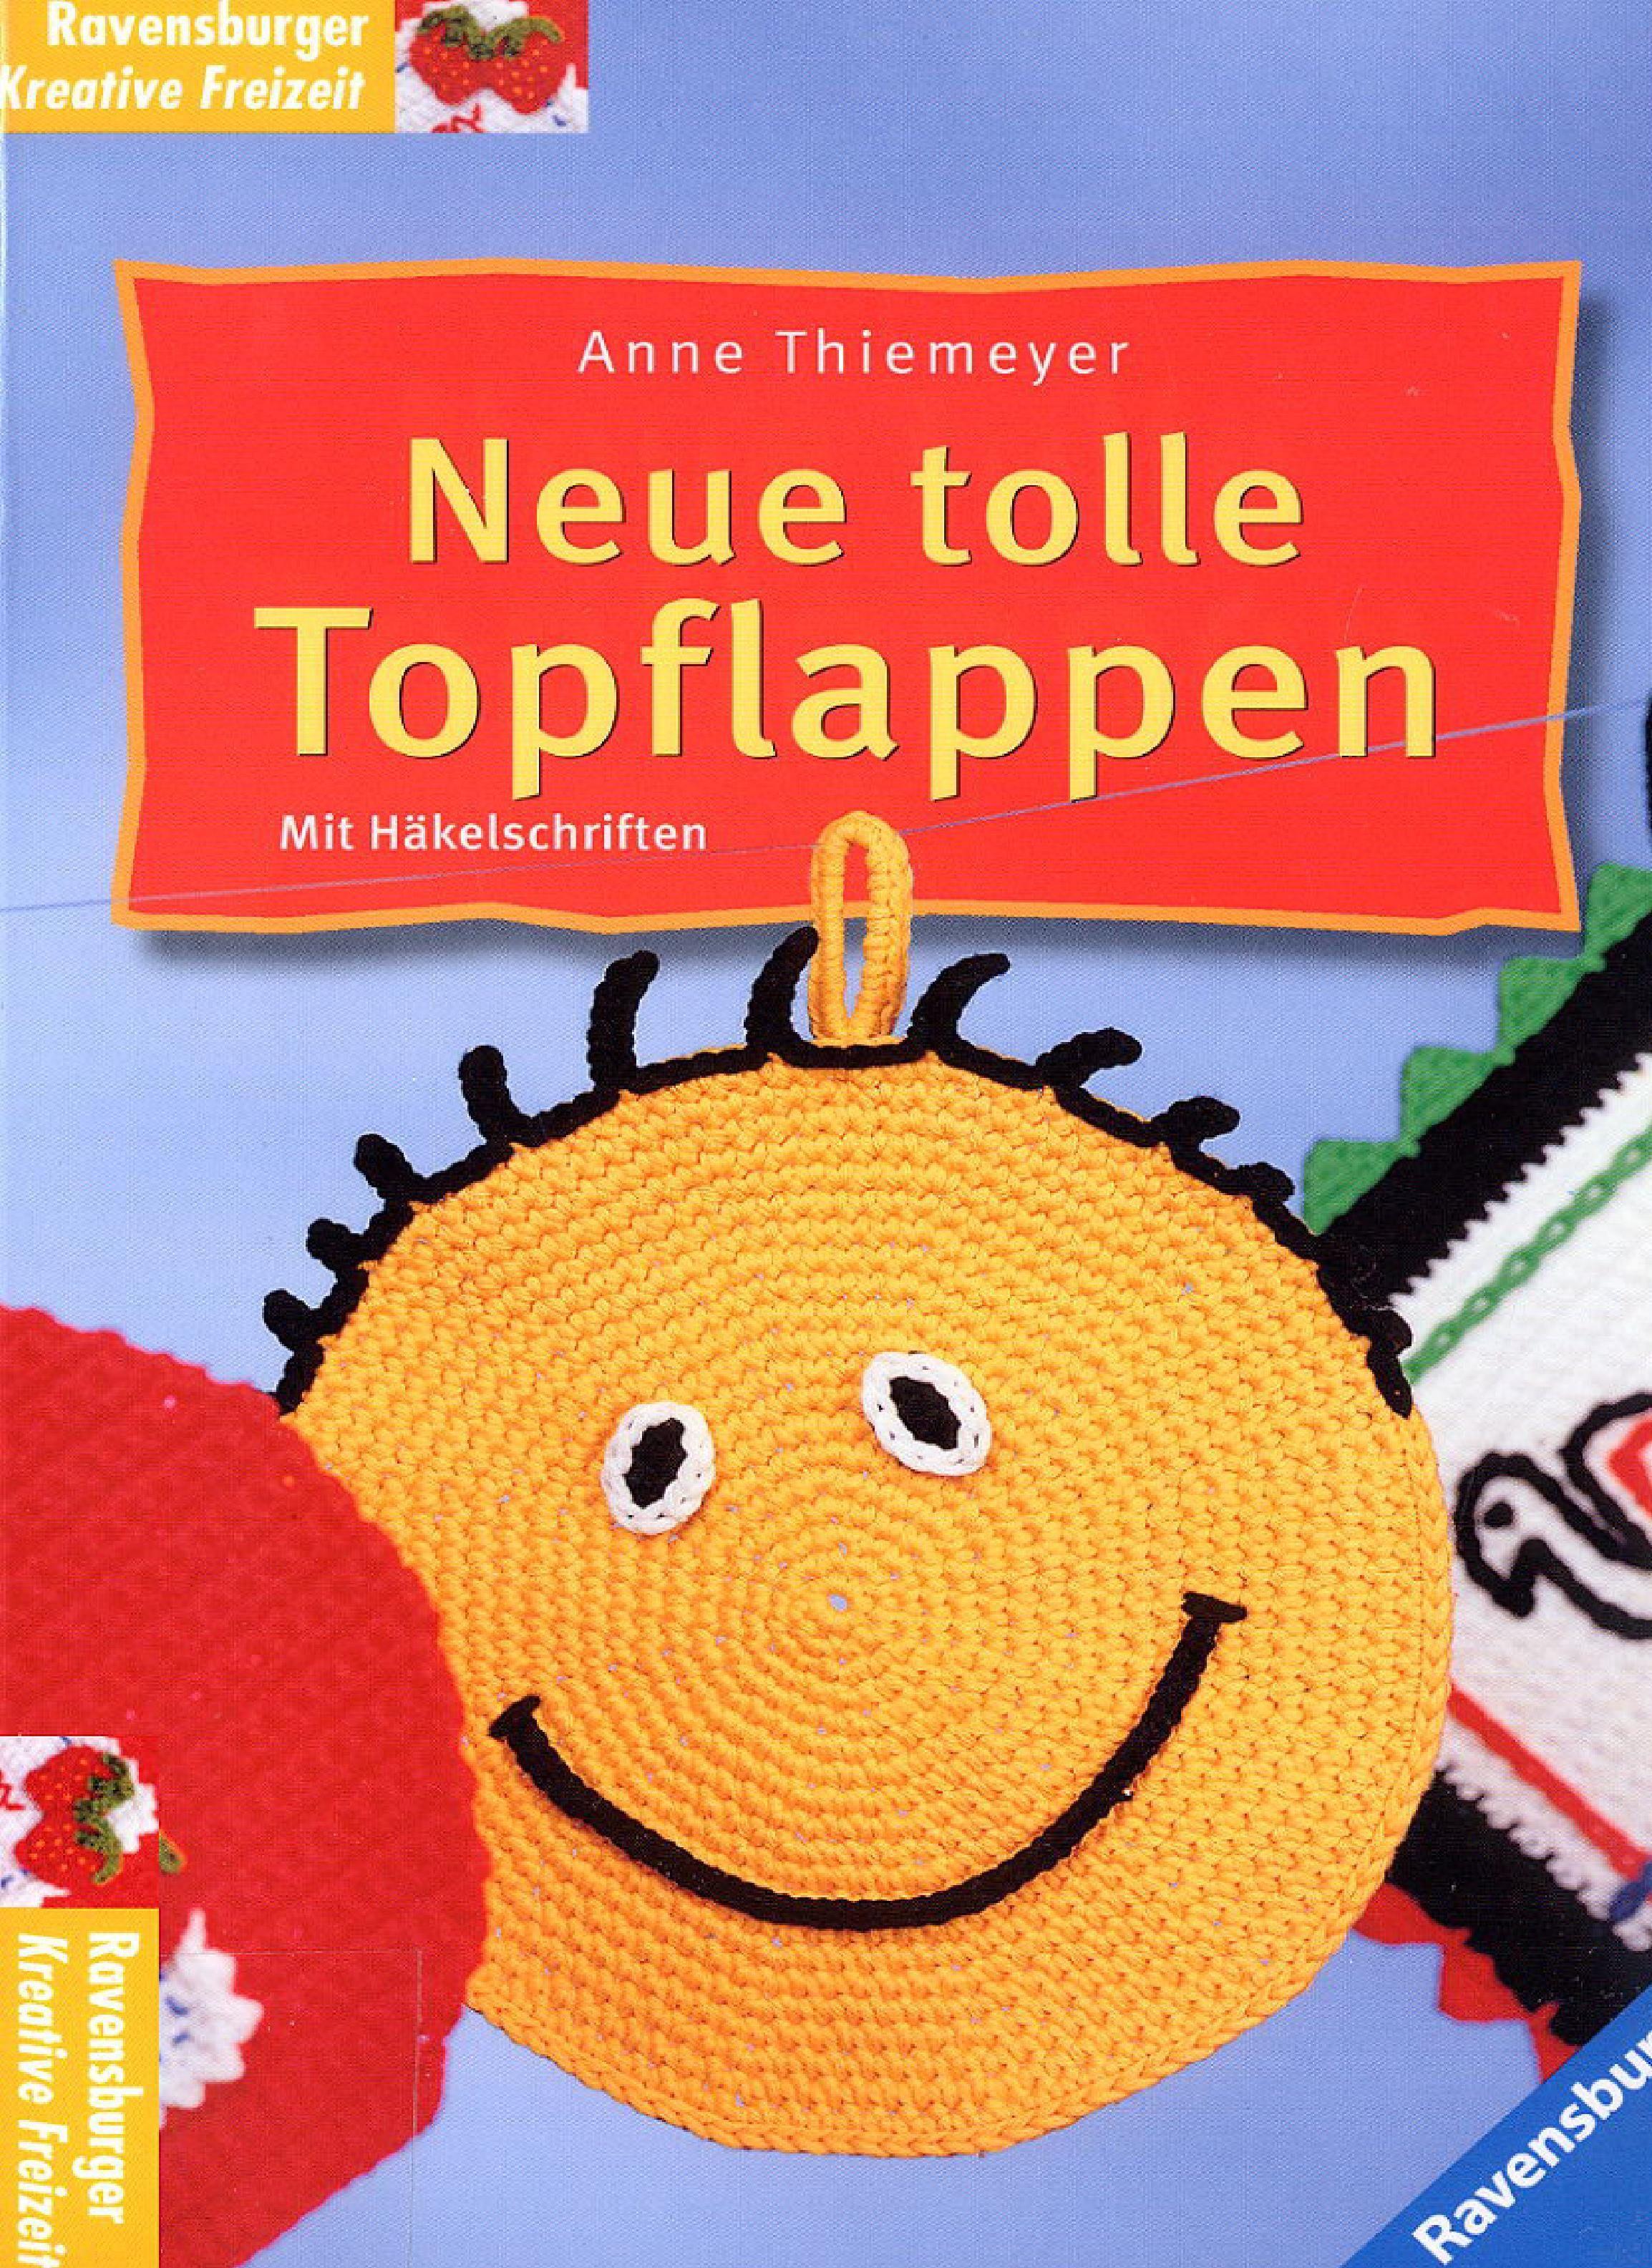 ANNE THIEMEYER - NEUE TOLLE TOPFLAPPEN. MIT HÄKELSCHRIFTEN